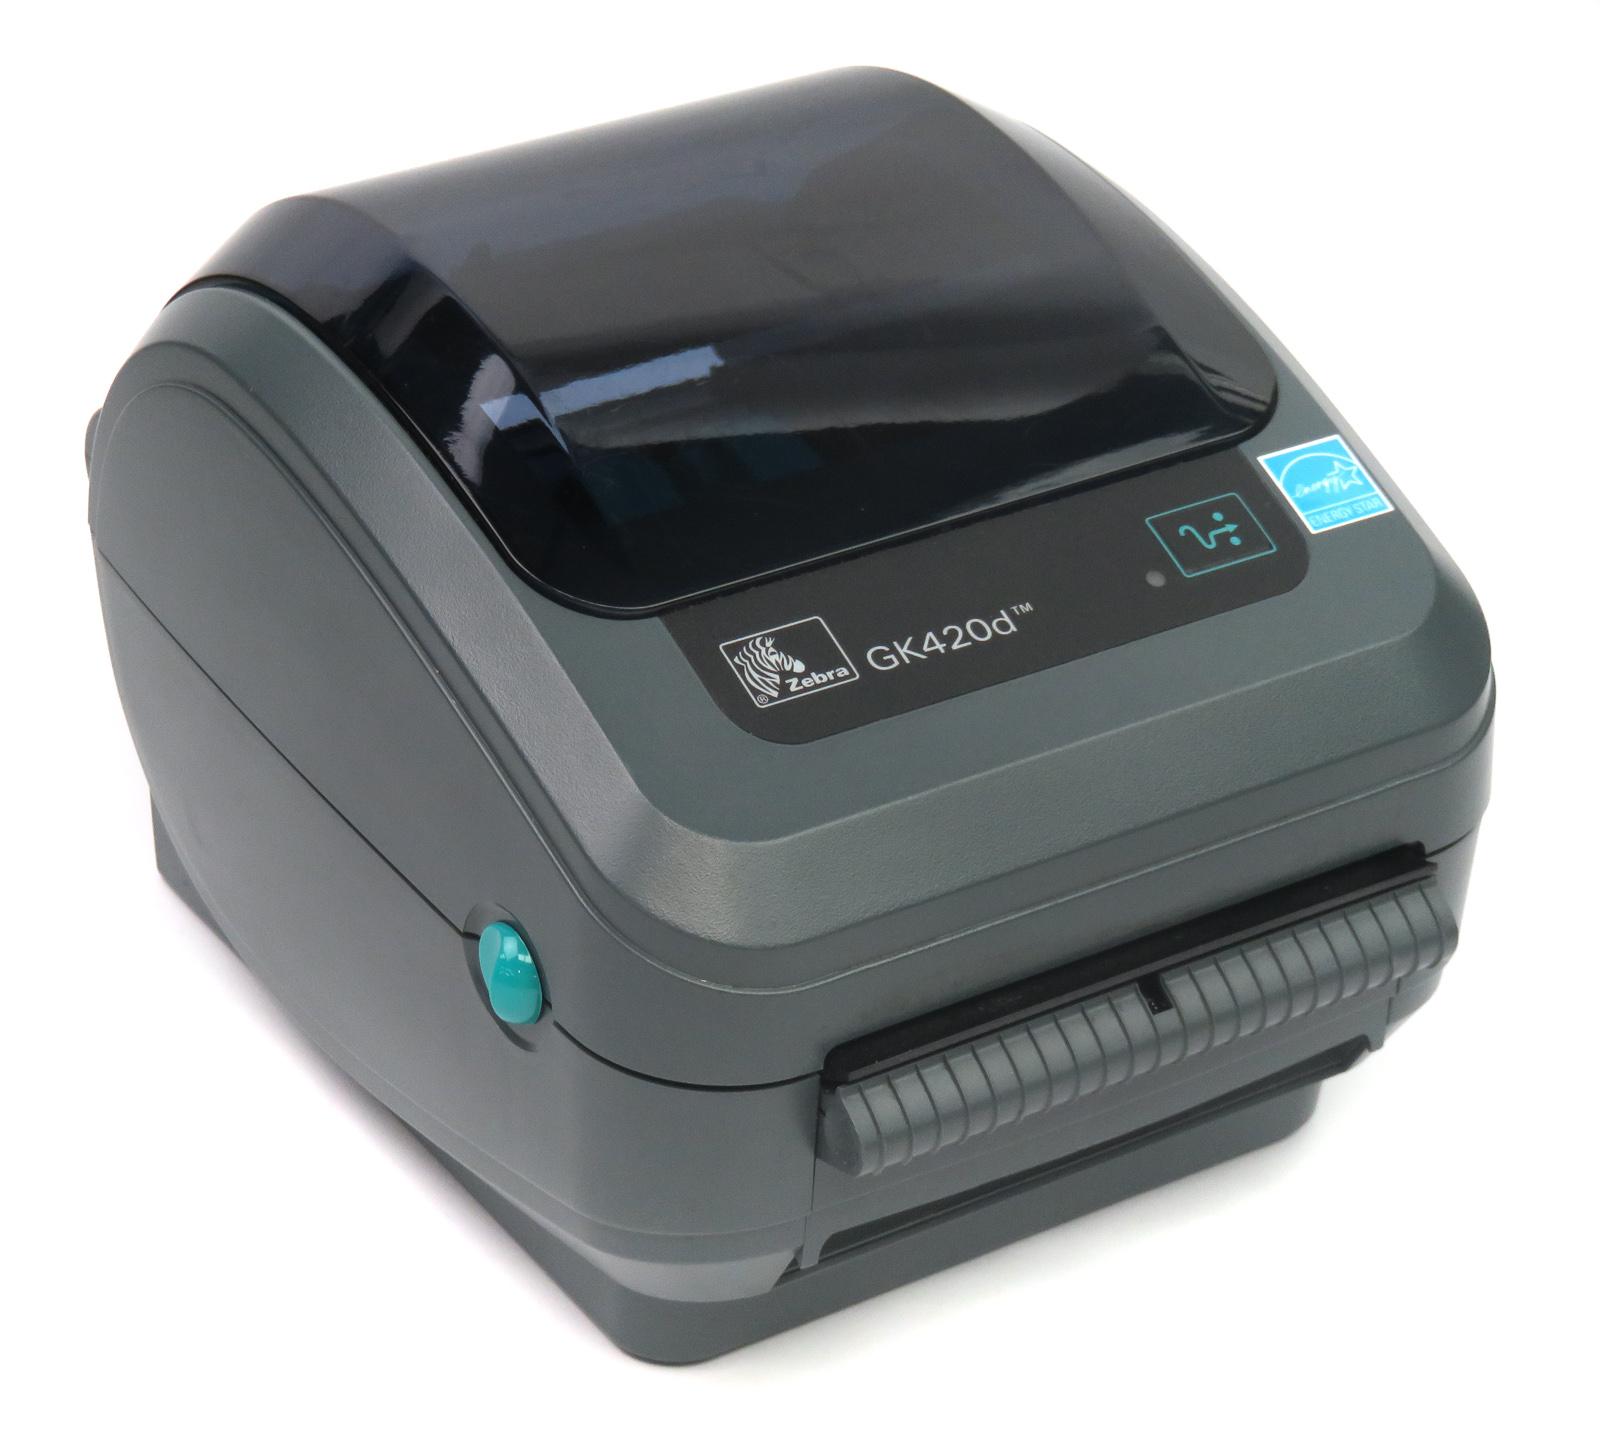 /Zebra GK420d Thermal Label Printer GK42-202221-000 w/ USB ...